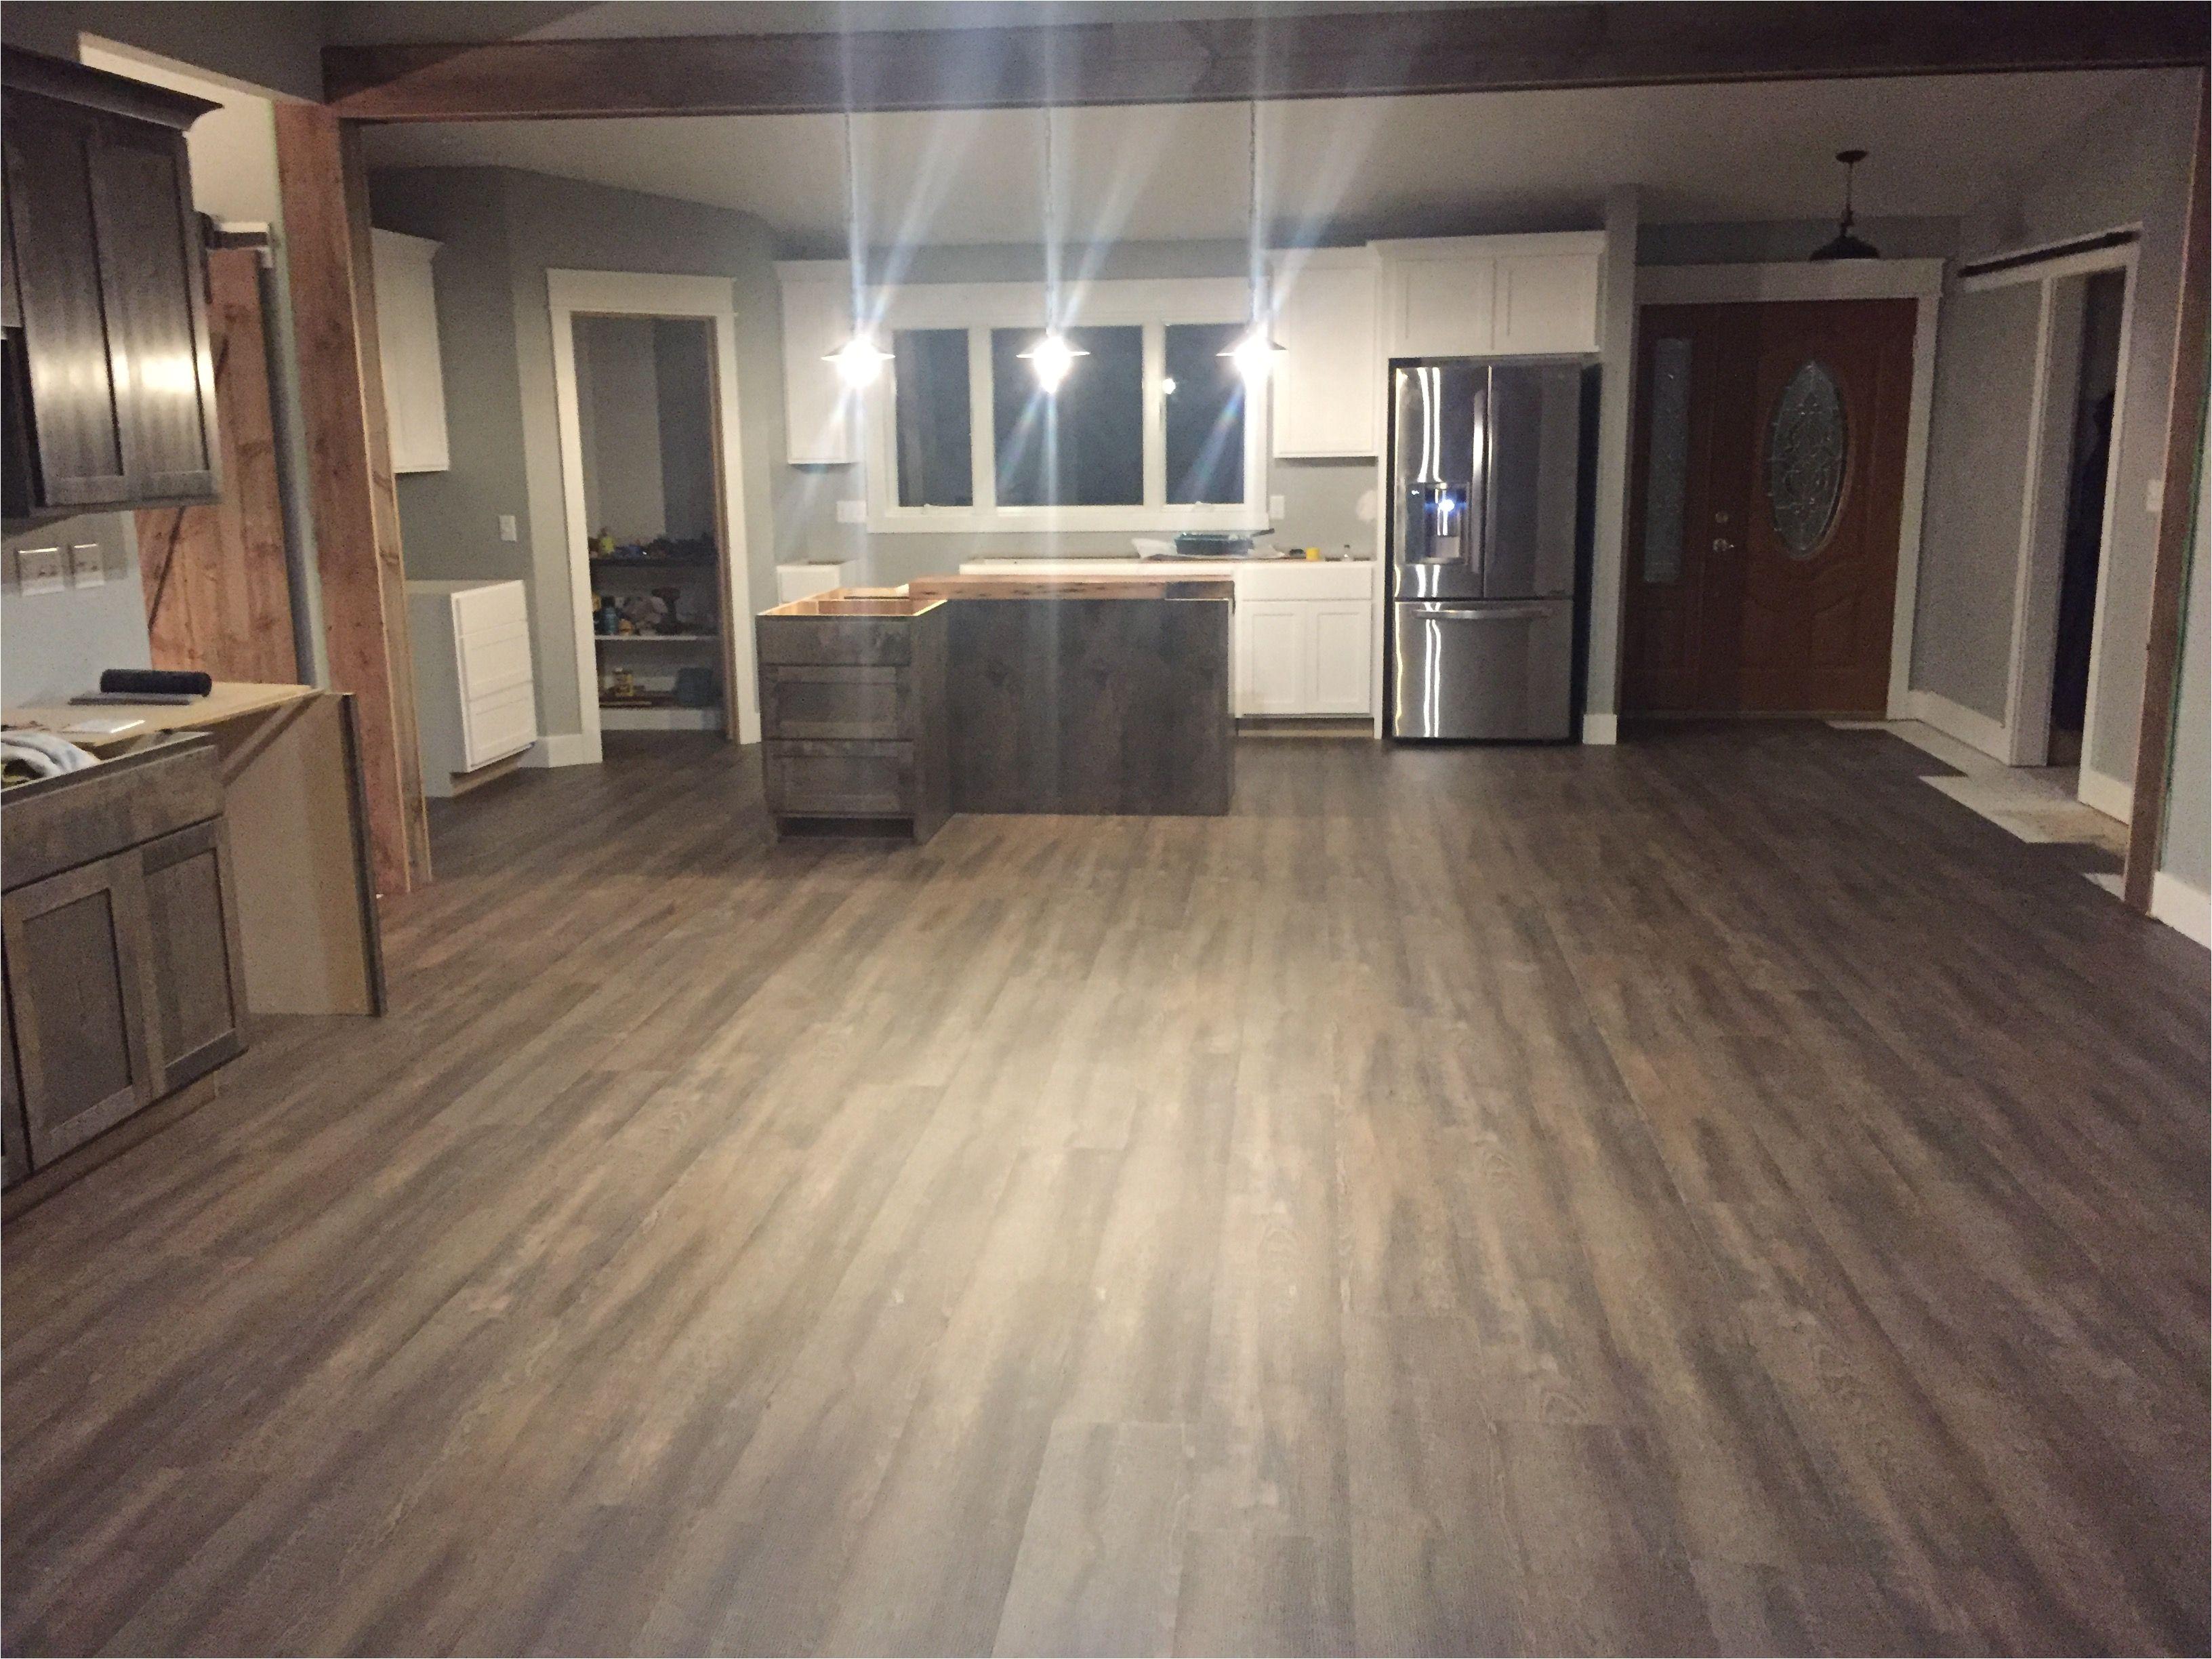 Coretec Plus Laminate Flooring Coretec Plus Xl 7 Plank Lvf Luxury Vinyl Floor Gray and Brown